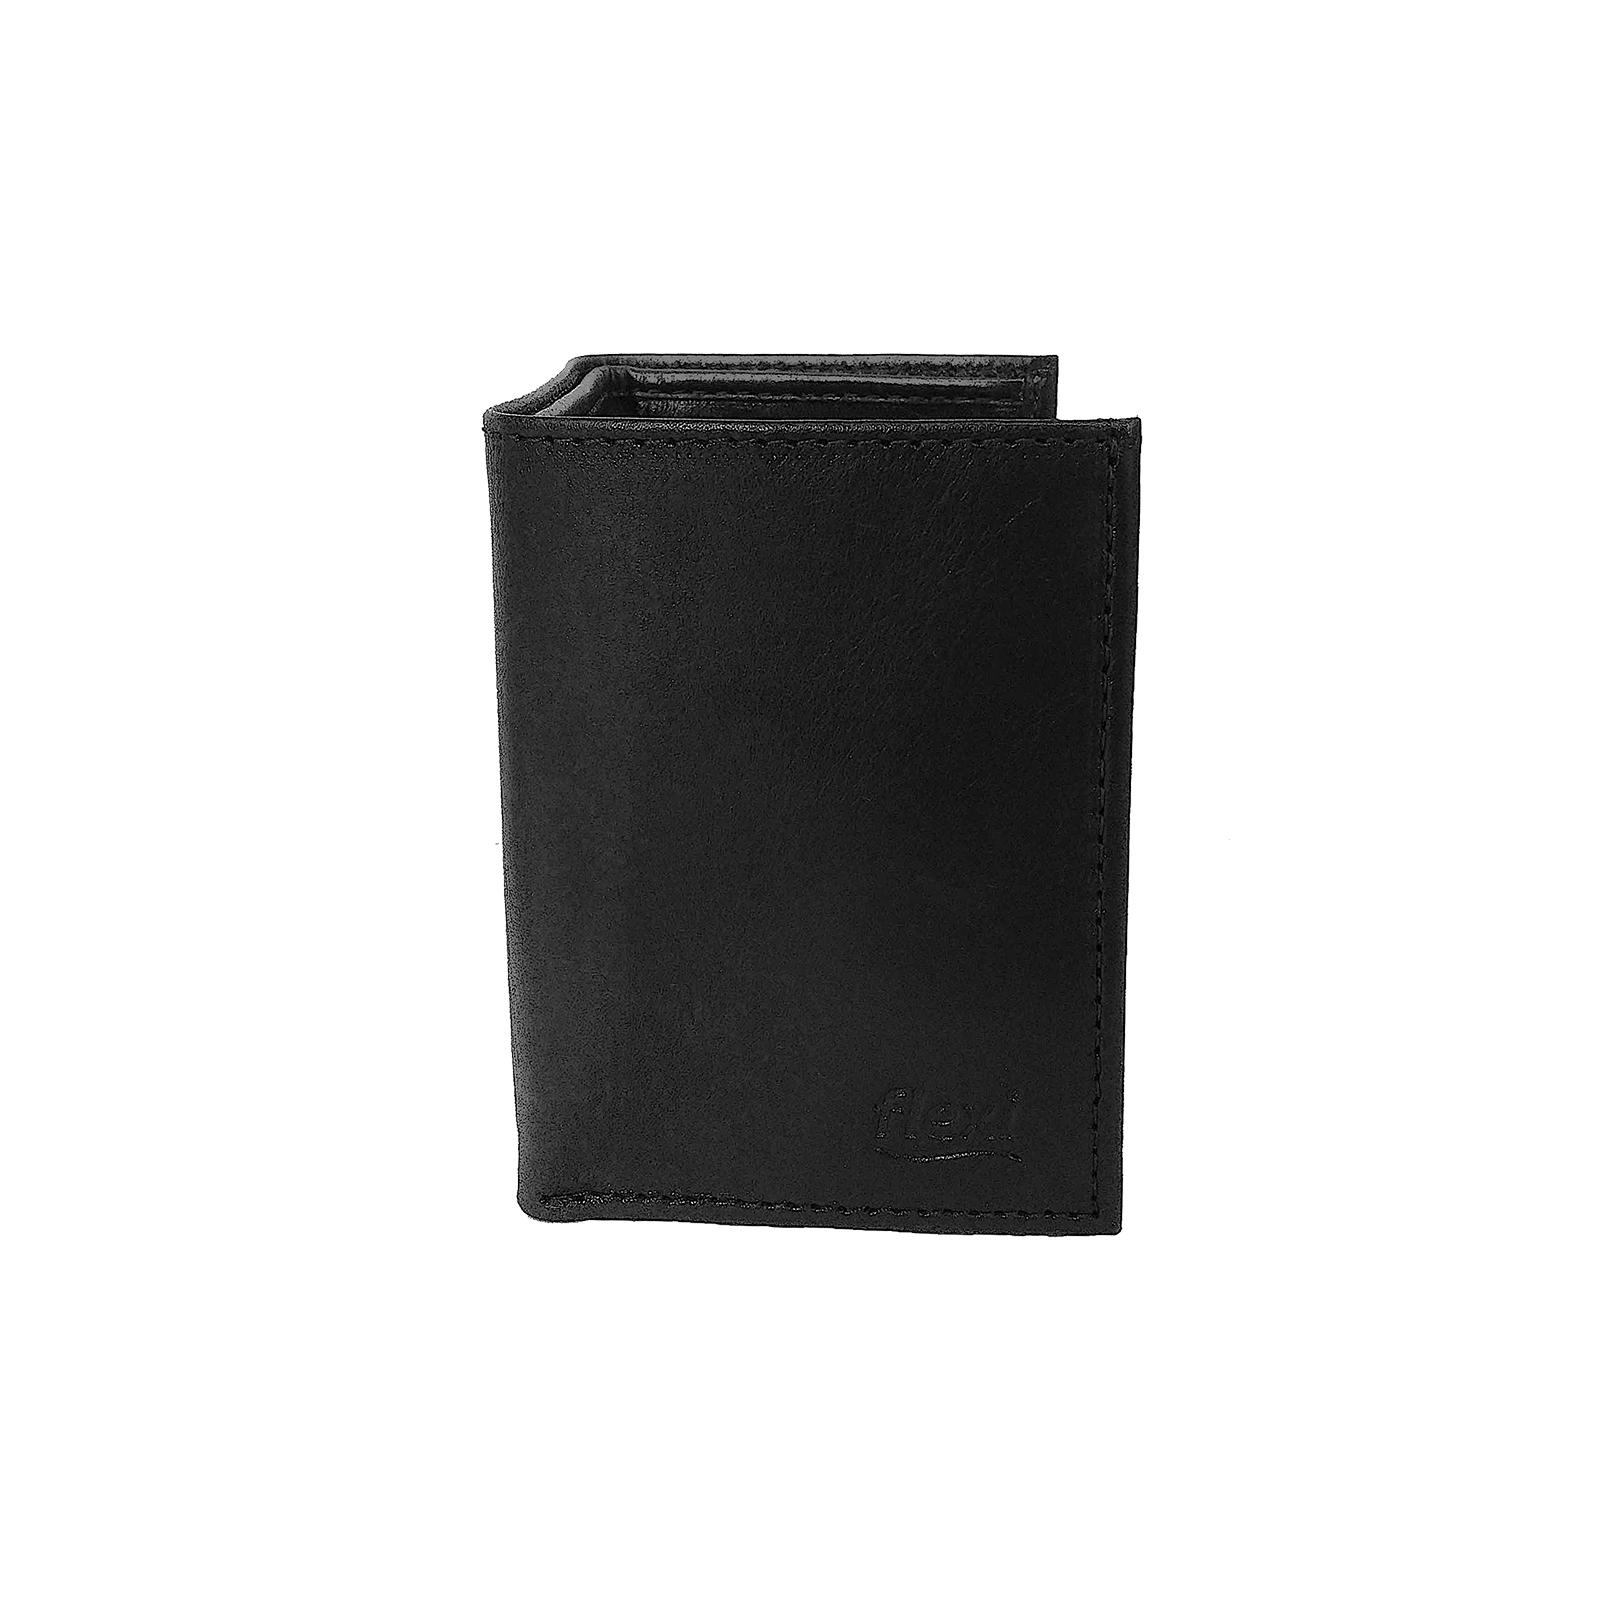 99ac9458a Cartera color negro - Flexi México